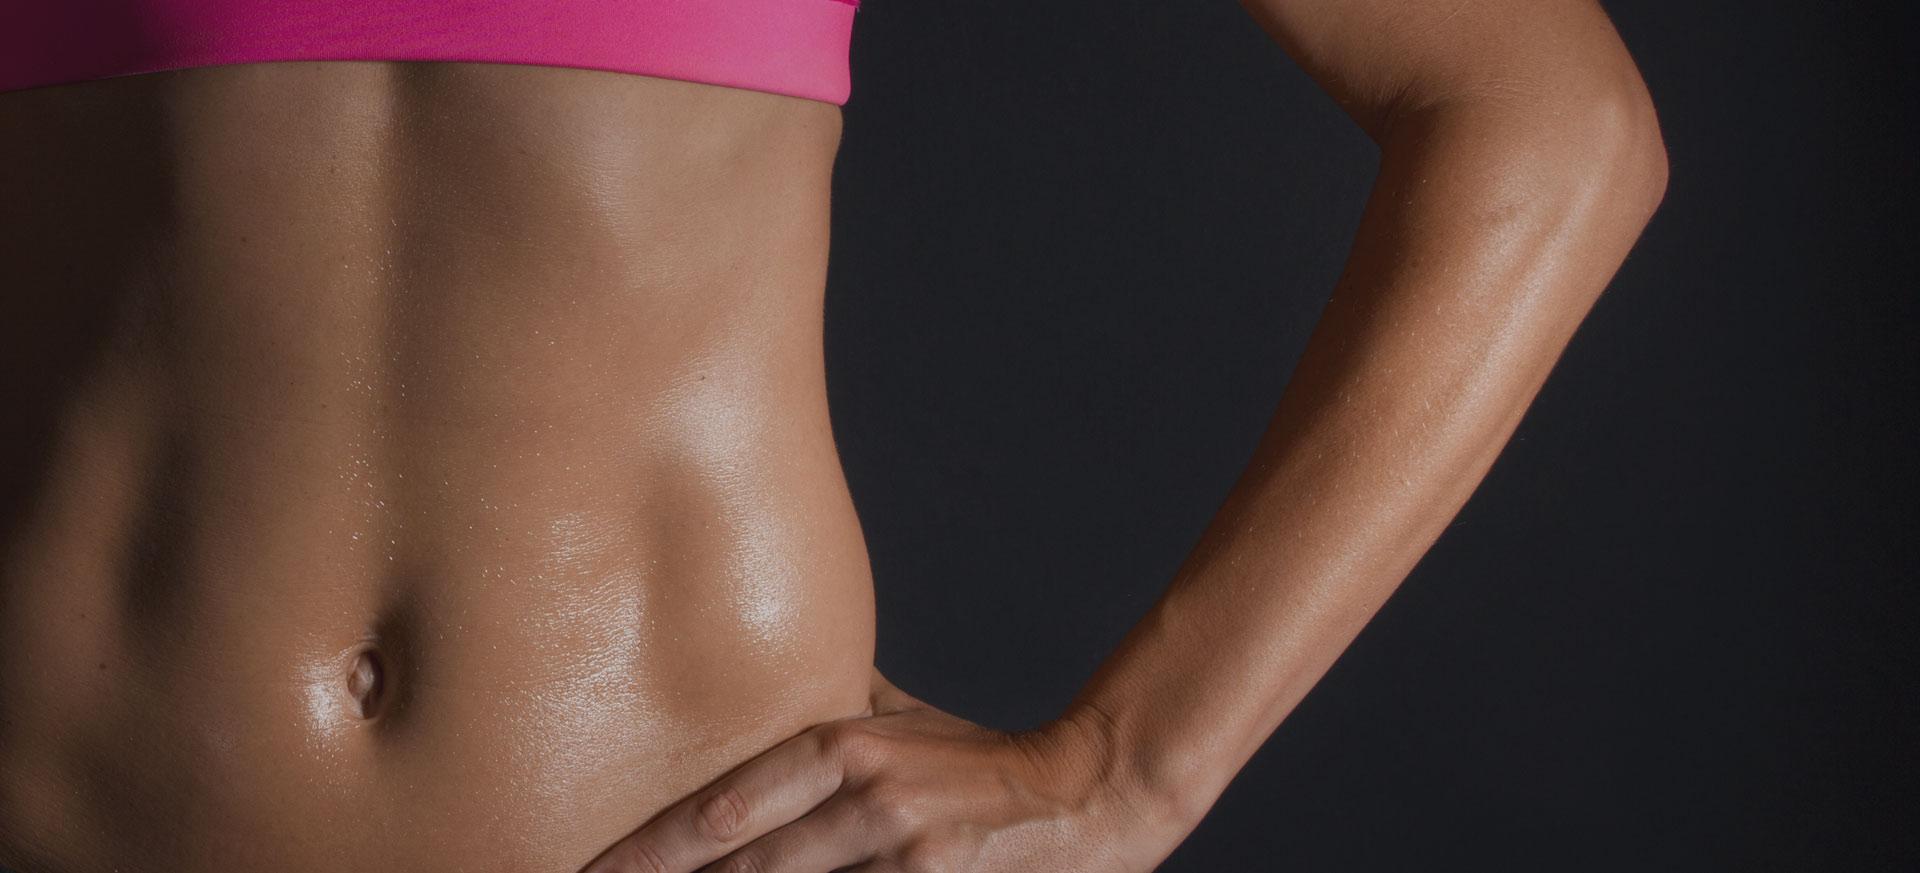 Abdominals, Buttocks & Thighs